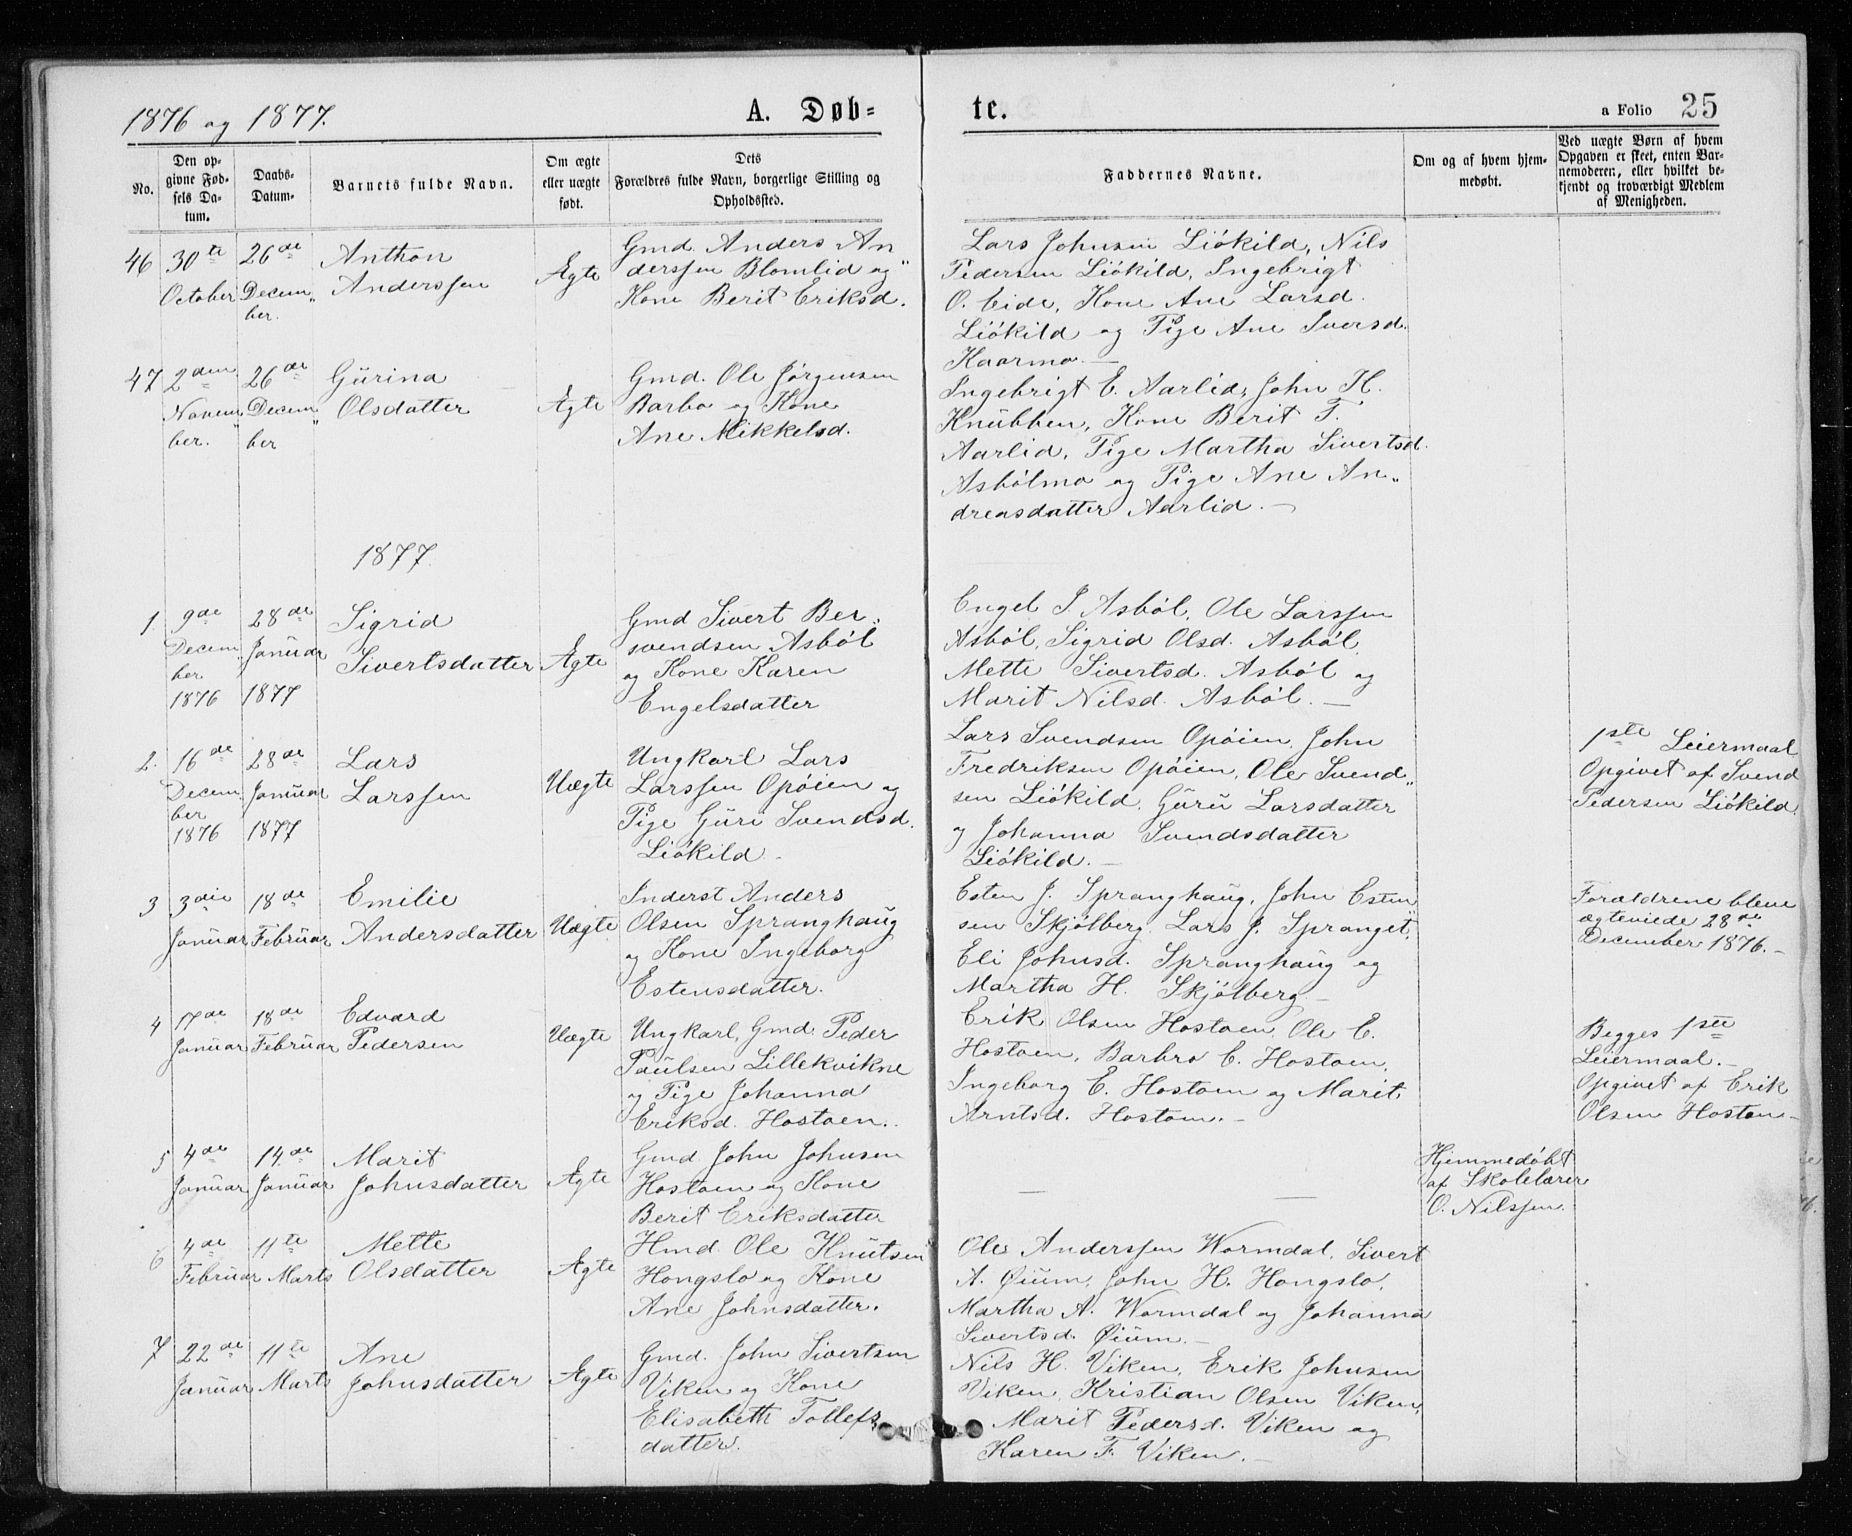 SAT, Ministerialprotokoller, klokkerbøker og fødselsregistre - Sør-Trøndelag, 671/L0843: Klokkerbok nr. 671C02, 1873-1892, s. 25